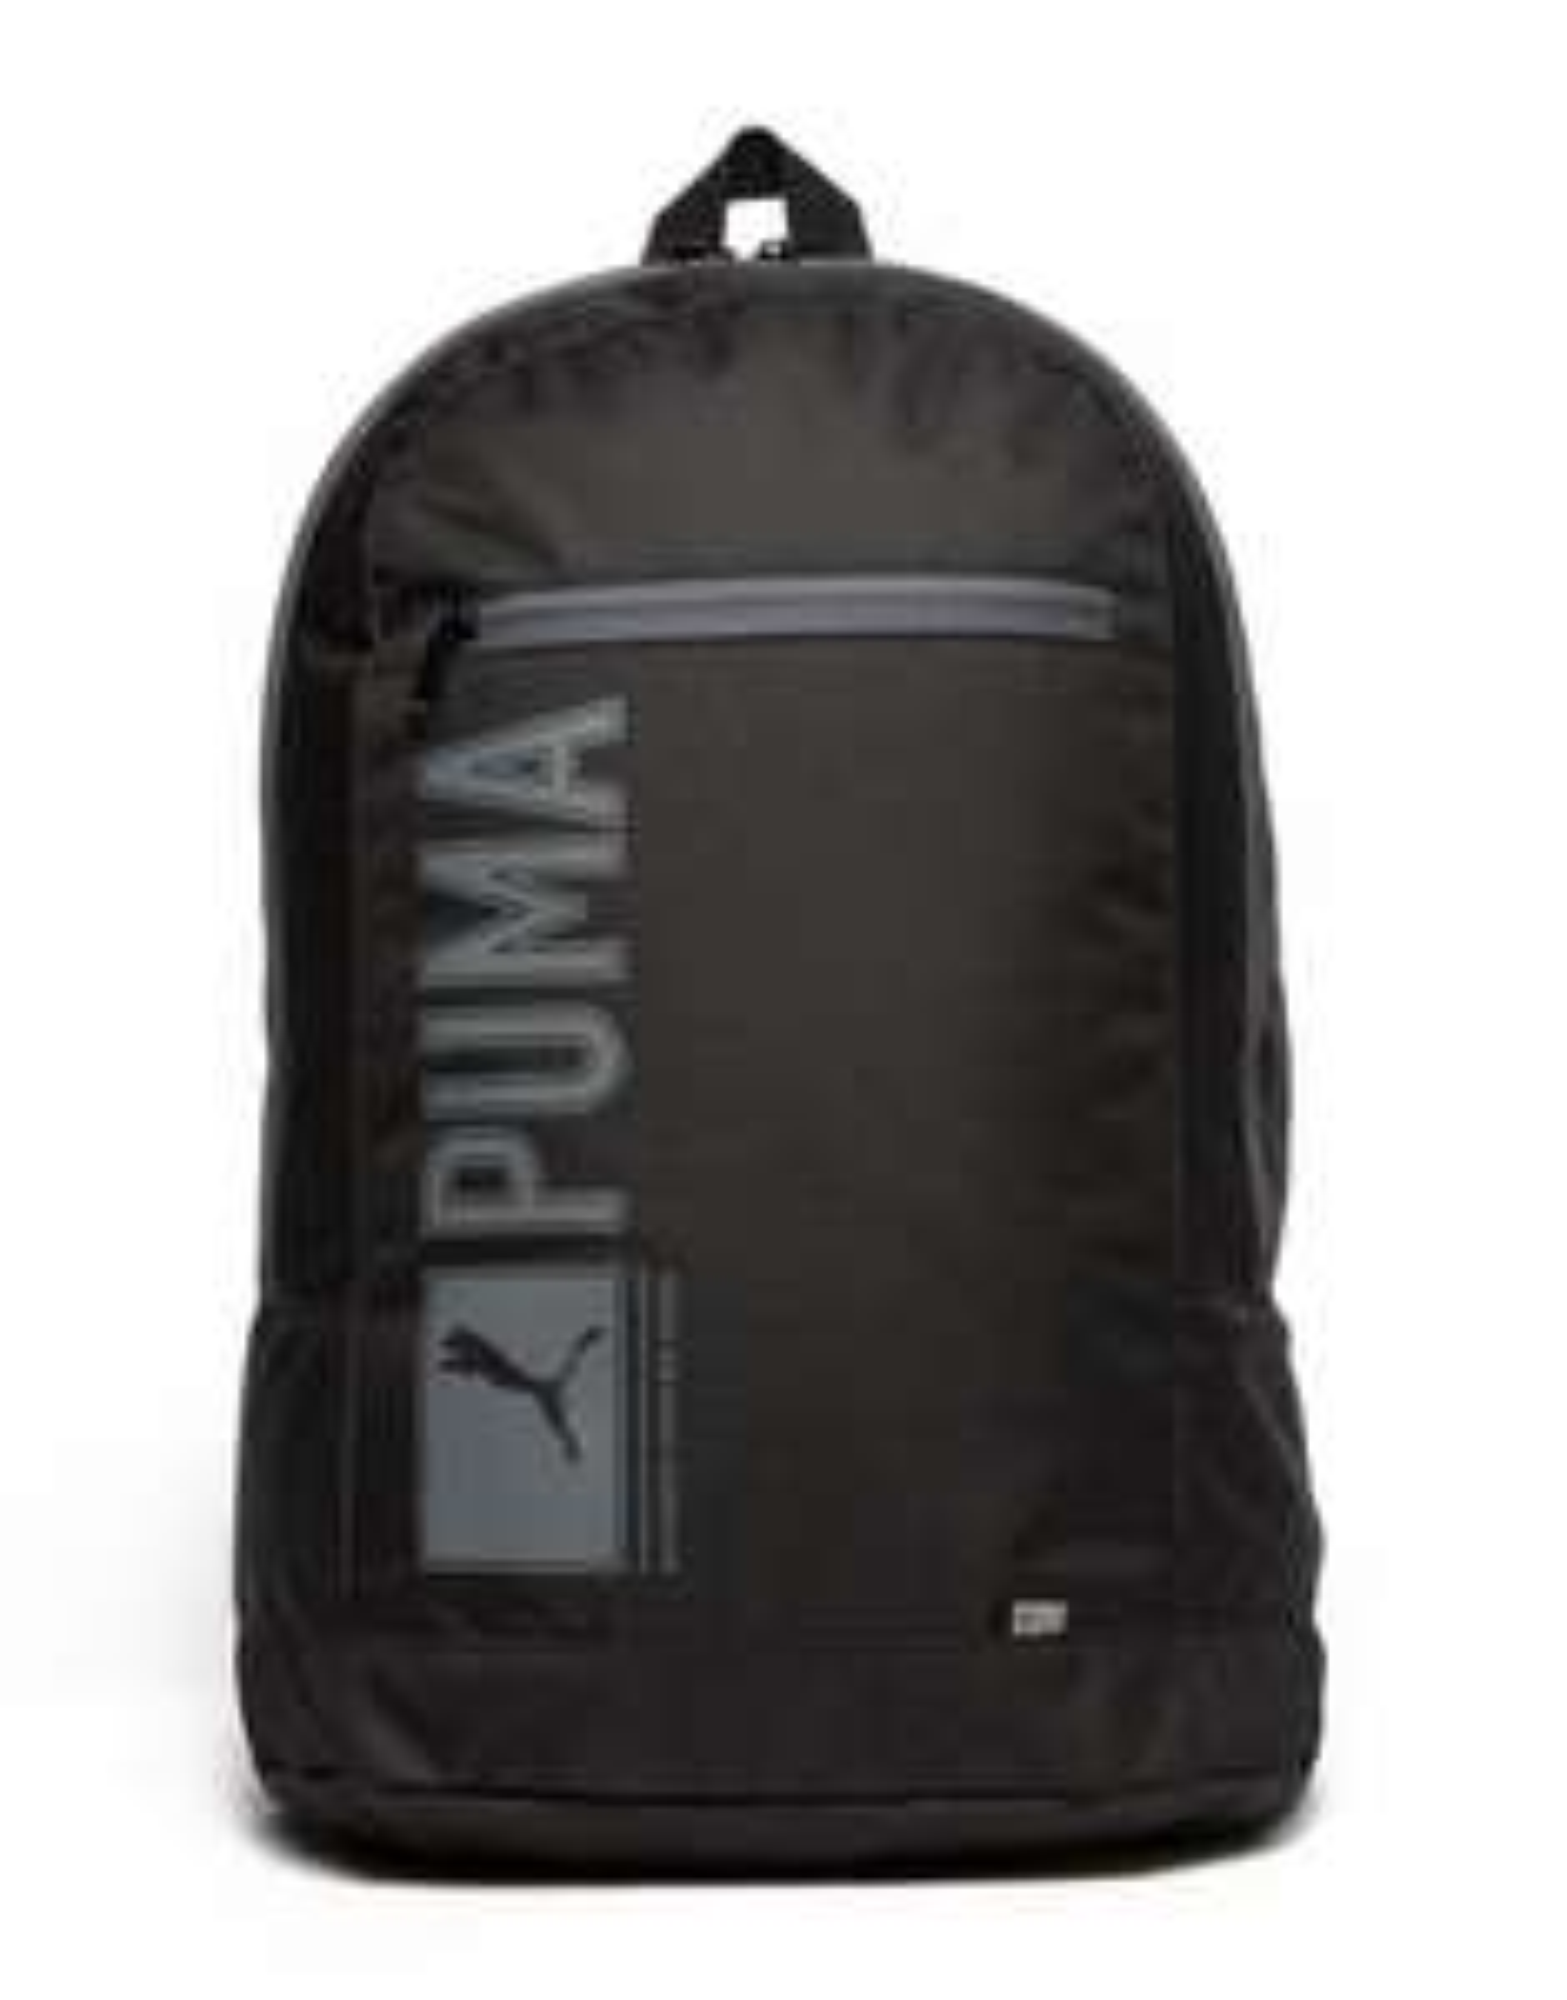 Puma Pioneer rugzak voor €4 @ JD Sports